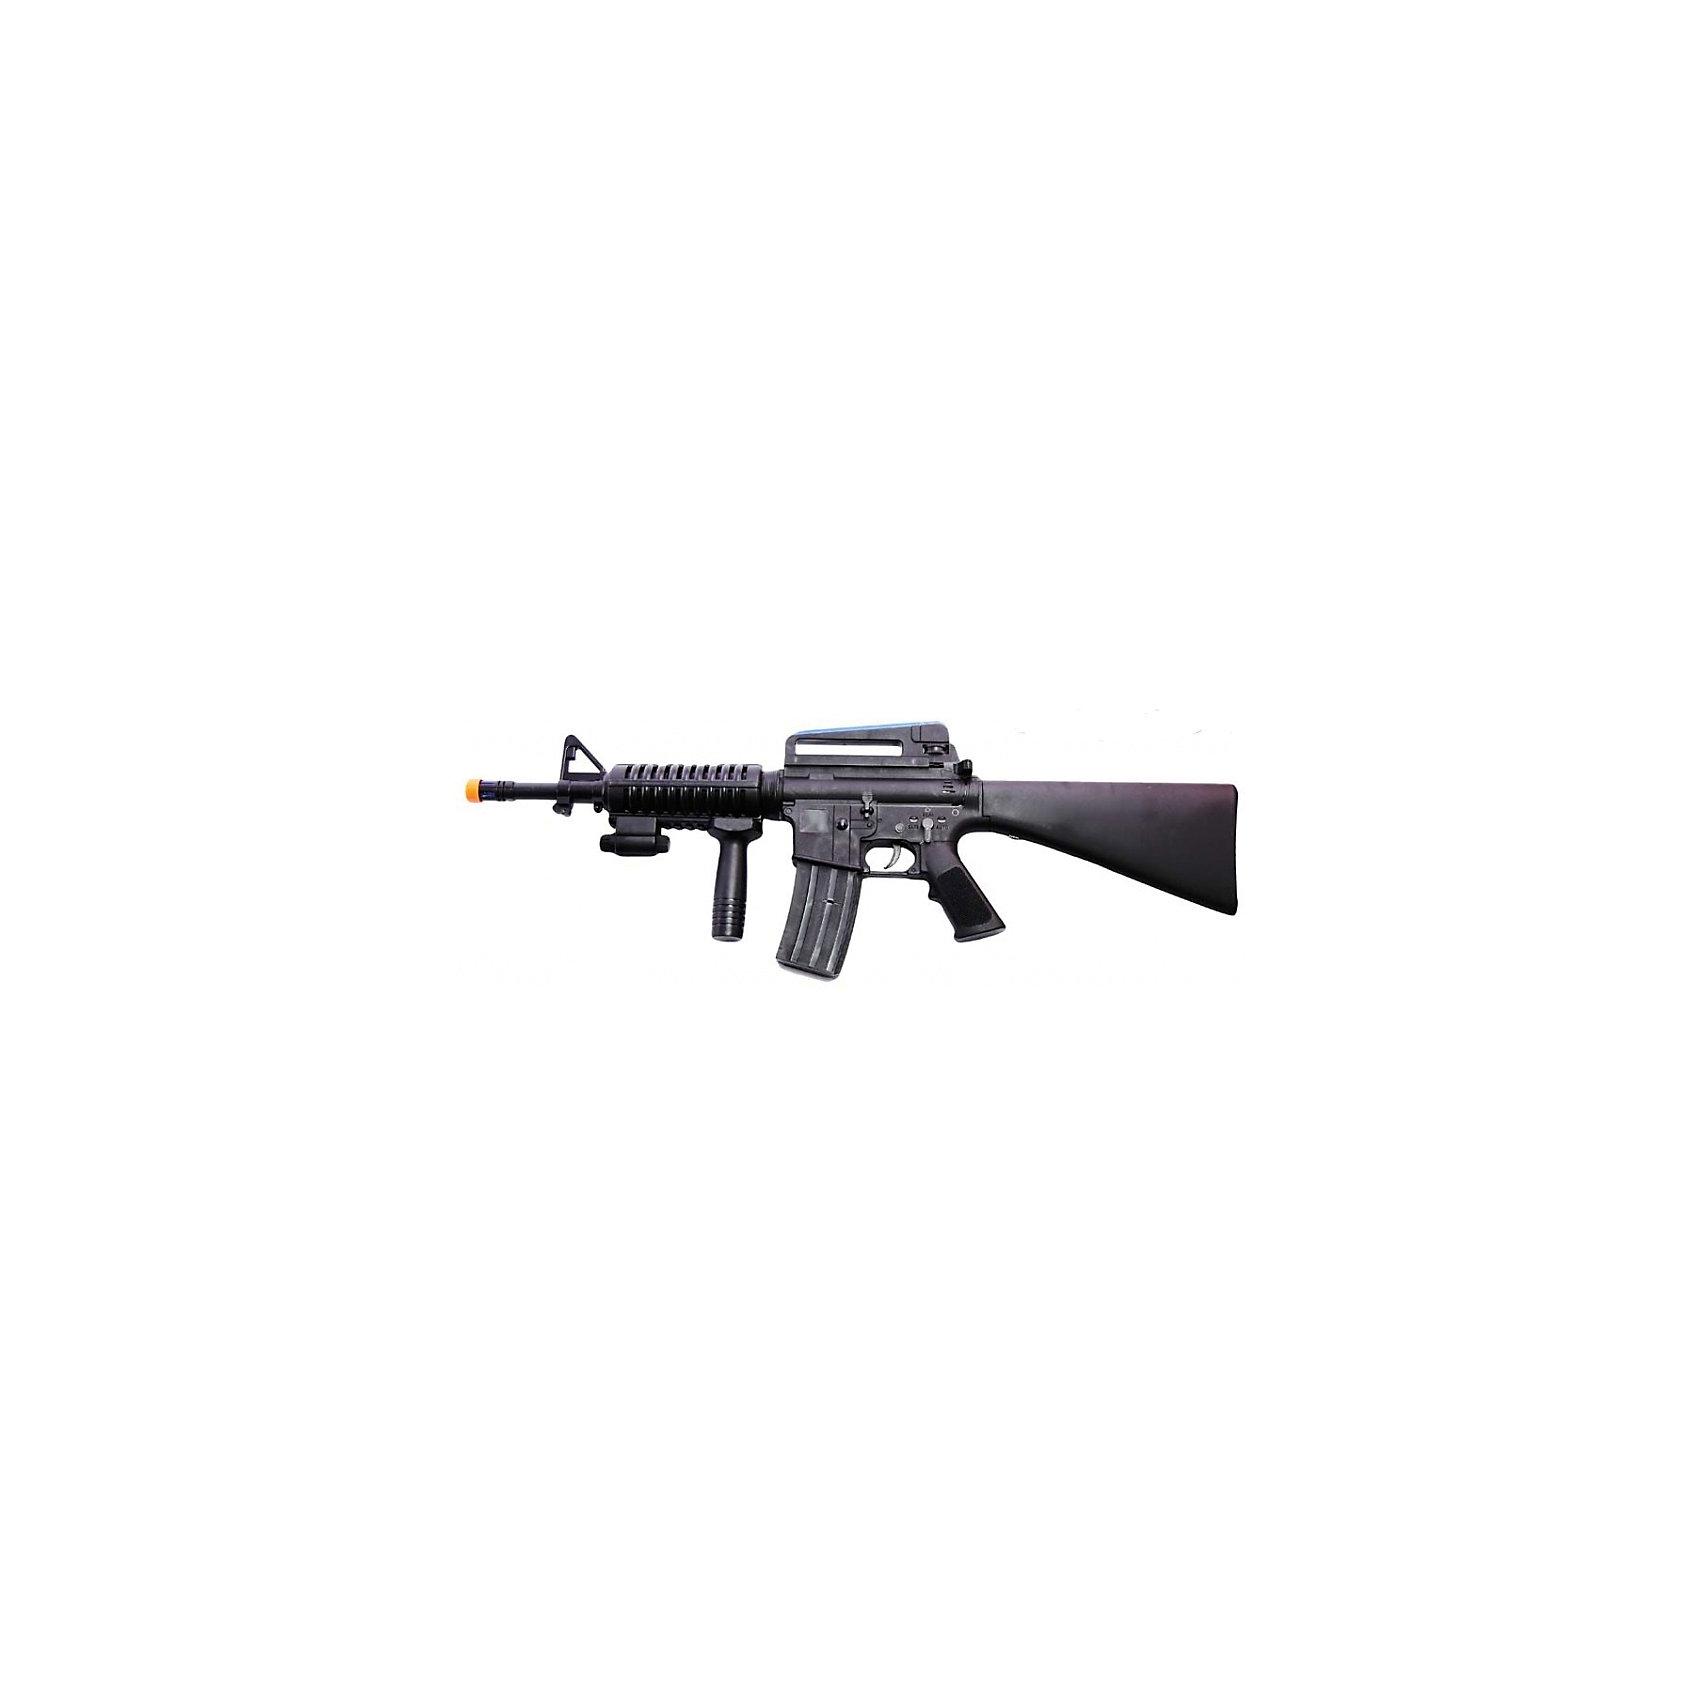 Автомат Вооружение спецназа, со звуком и светом, Mioshi ArmyАвтомат со звуковыми эффектами, подсветкой и режимом вибрации. Изготовлен из прочного пластика высокого качества. Почувствуй себя настоящим бойцом спецназа!  Материал: пластик. В комплект входят 4 батарейки типа АА<br><br>Ширина мм: 480<br>Глубина мм: 250<br>Высота мм: 50<br>Вес г: 846<br>Возраст от месяцев: 36<br>Возраст до месяцев: 72<br>Пол: Мужской<br>Возраст: Детский<br>SKU: 4342842